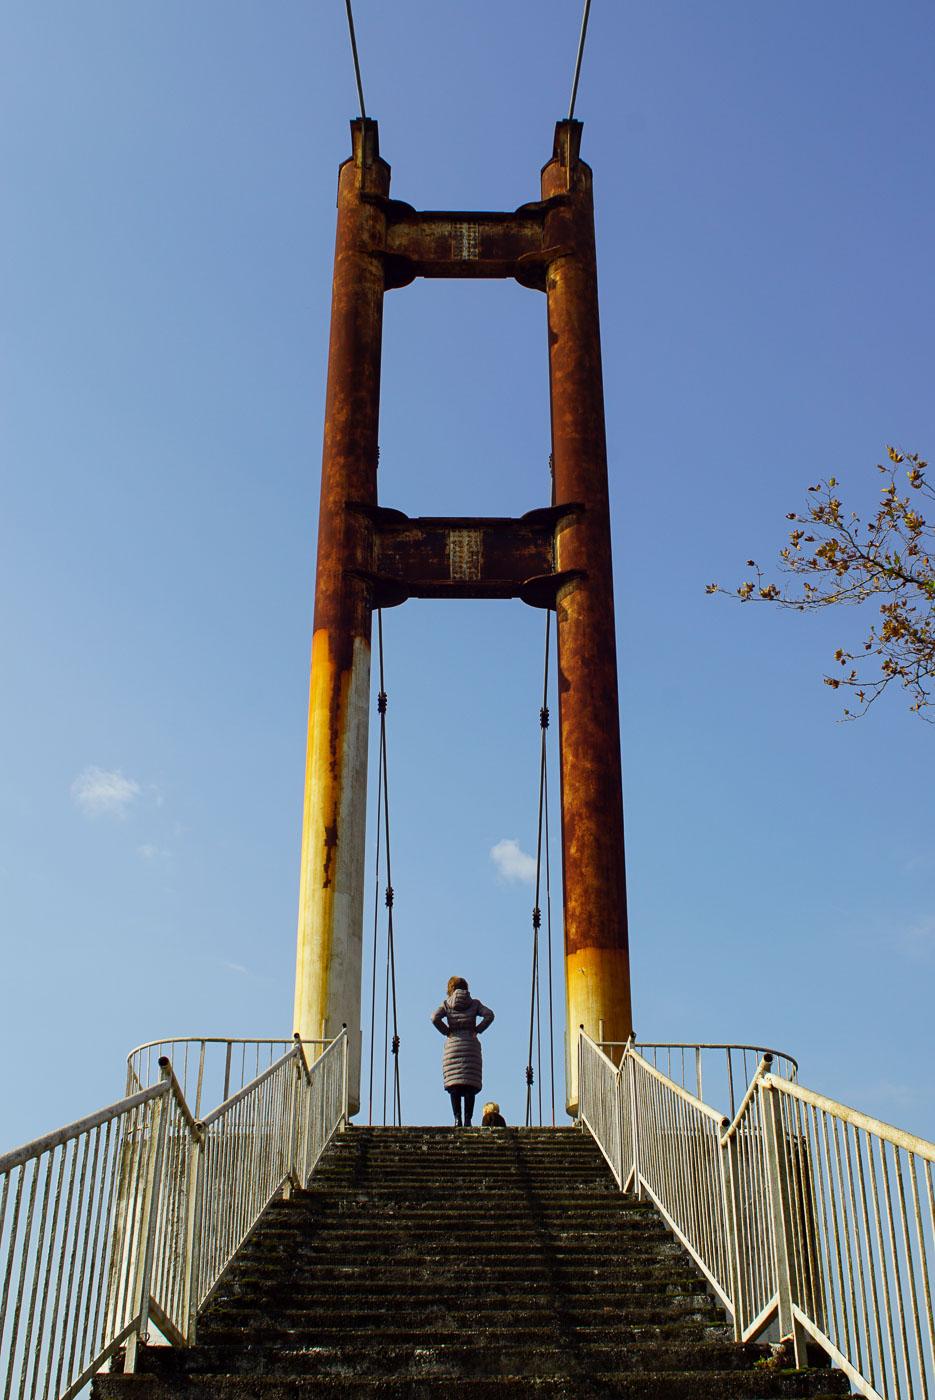 Zu sehen ist, der Aufgang zu einer Hängebrücke. Die Pfeiler sind stark verrostet, oben am Treppenabsatz stehen Luk und Lea.